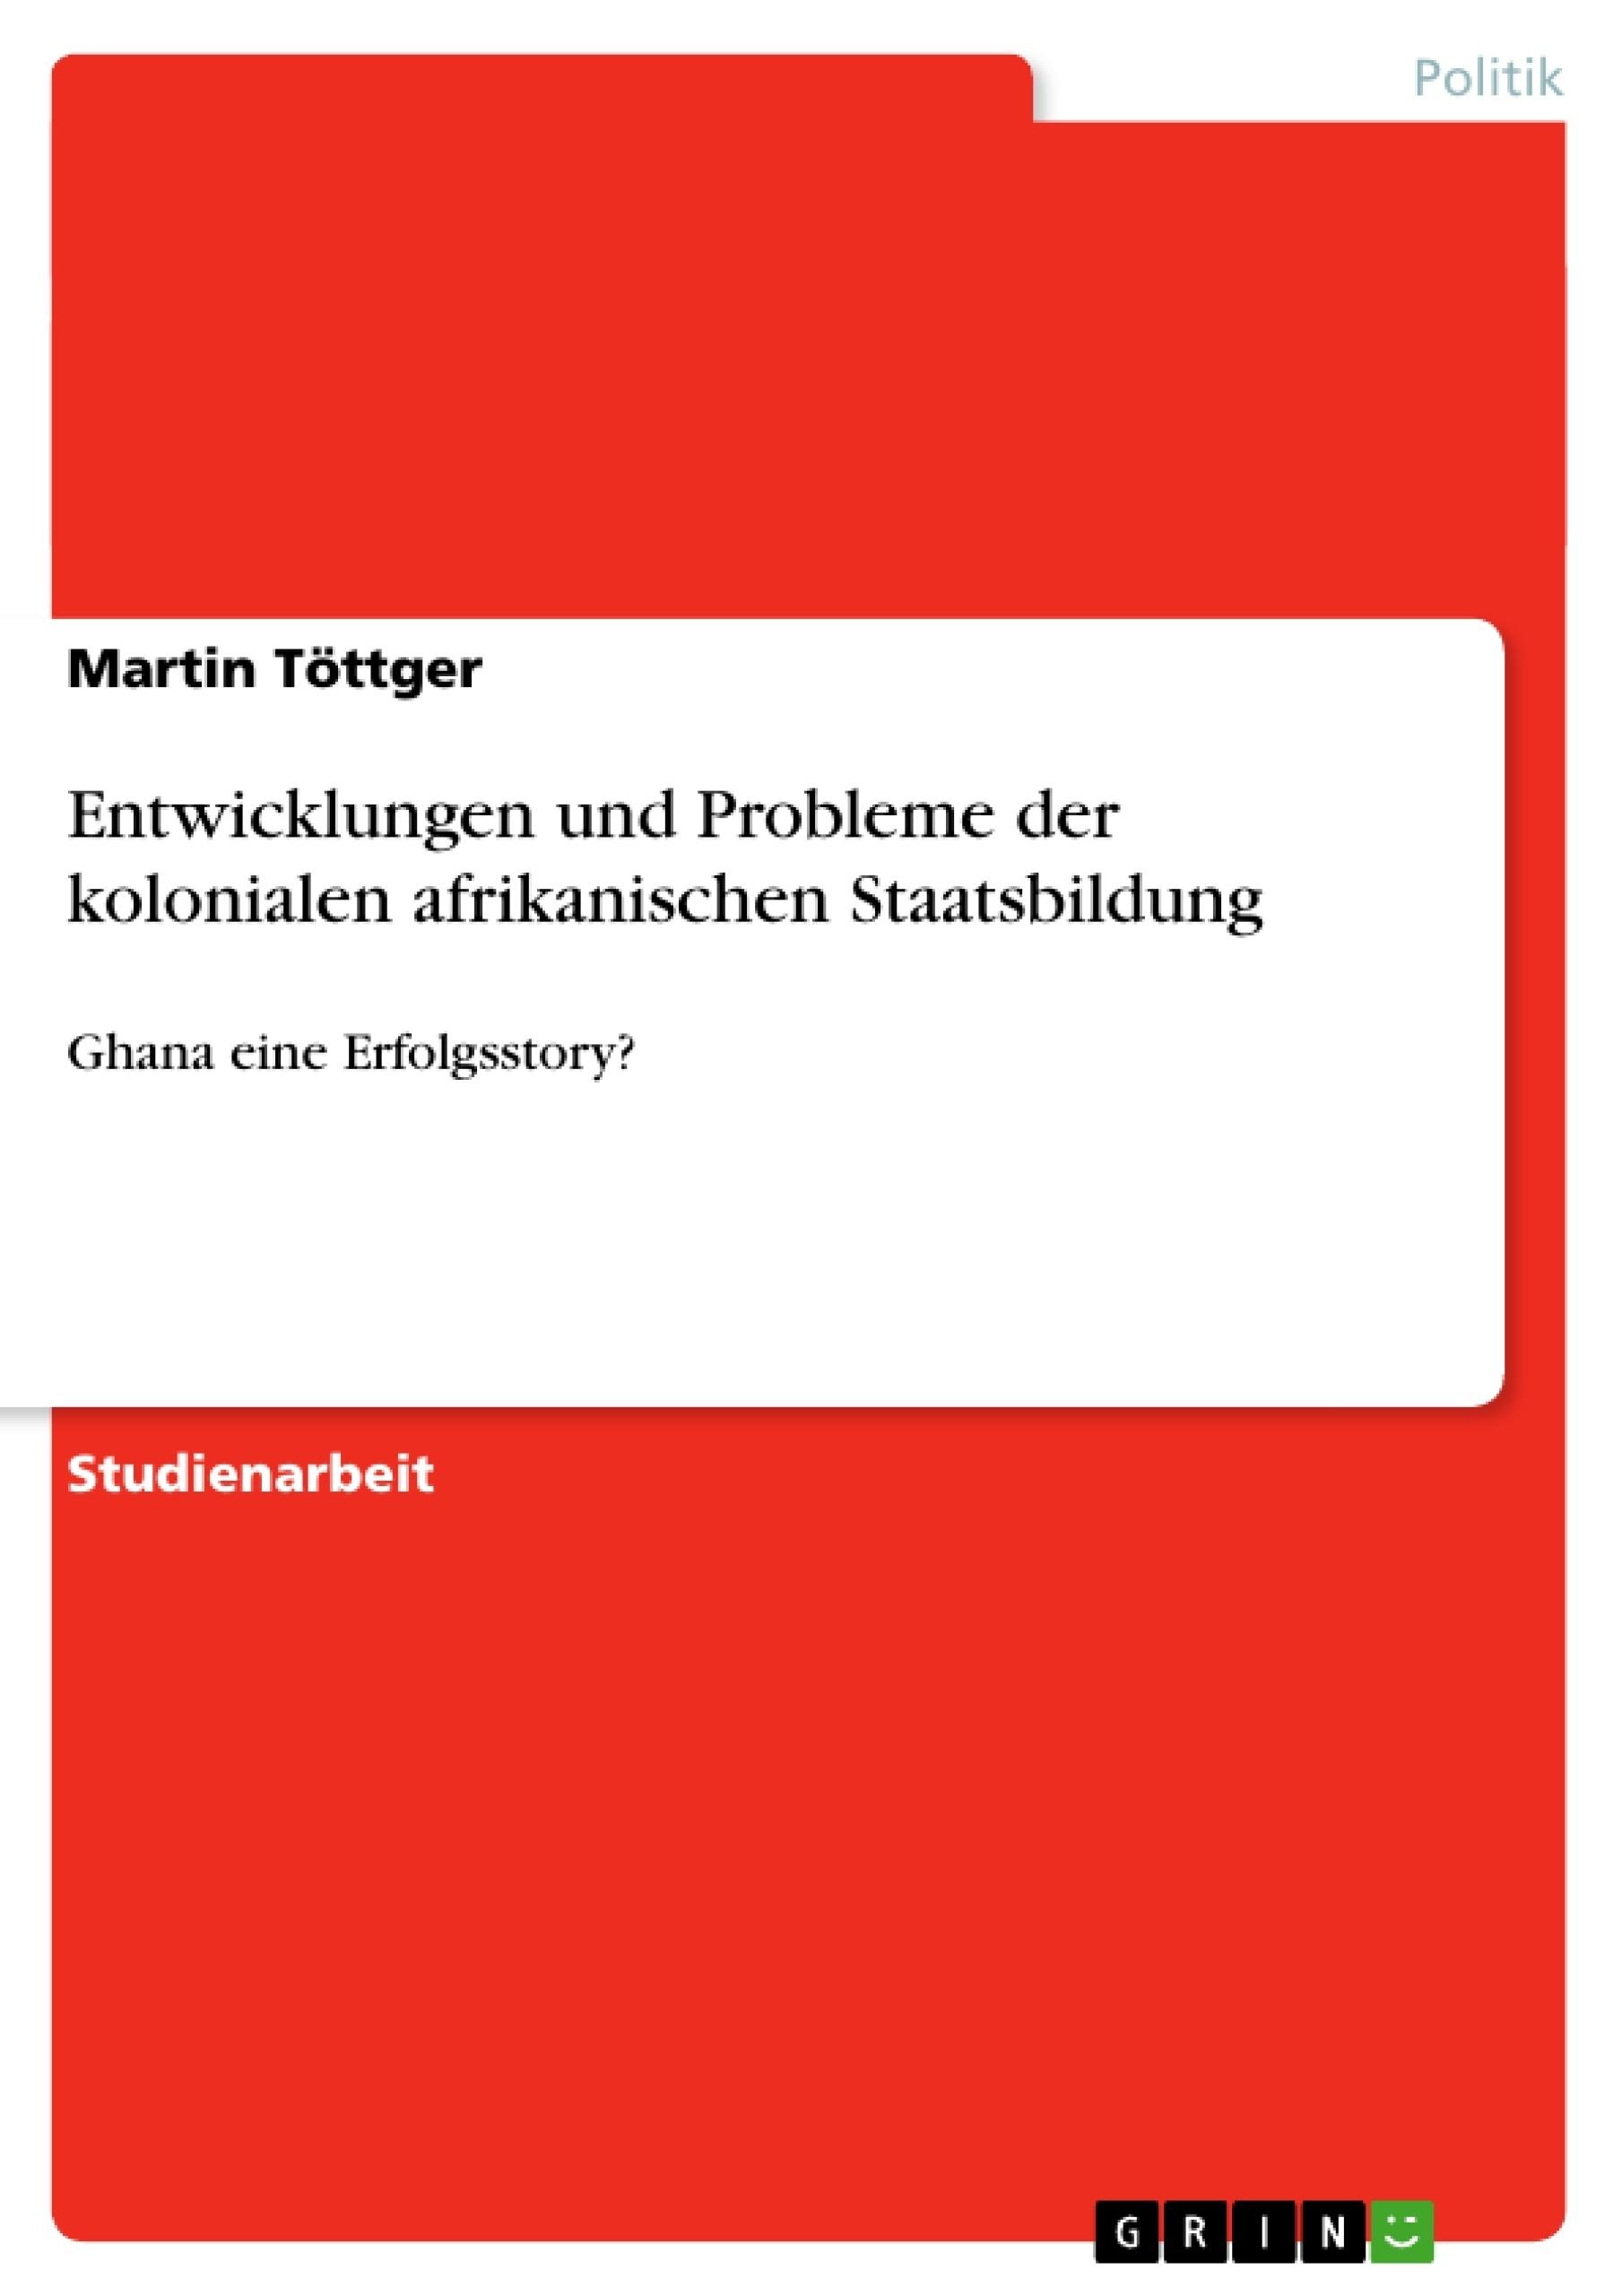 Titel: Entwicklungen und Probleme der kolonialen afrikanischen Staatsbildung